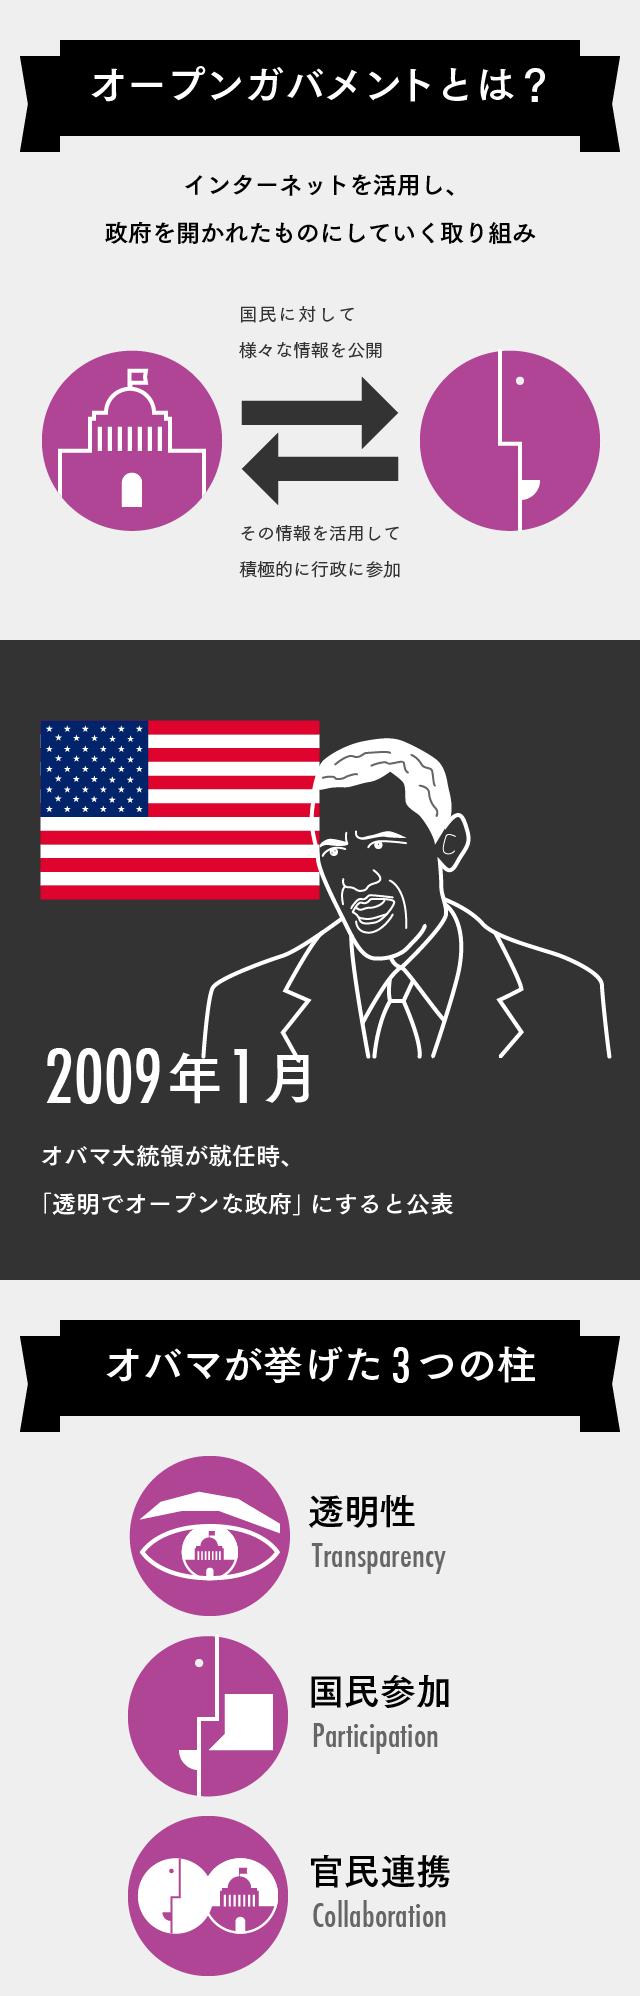 【マスター】はじめてのオープンガバメント_20150828-02